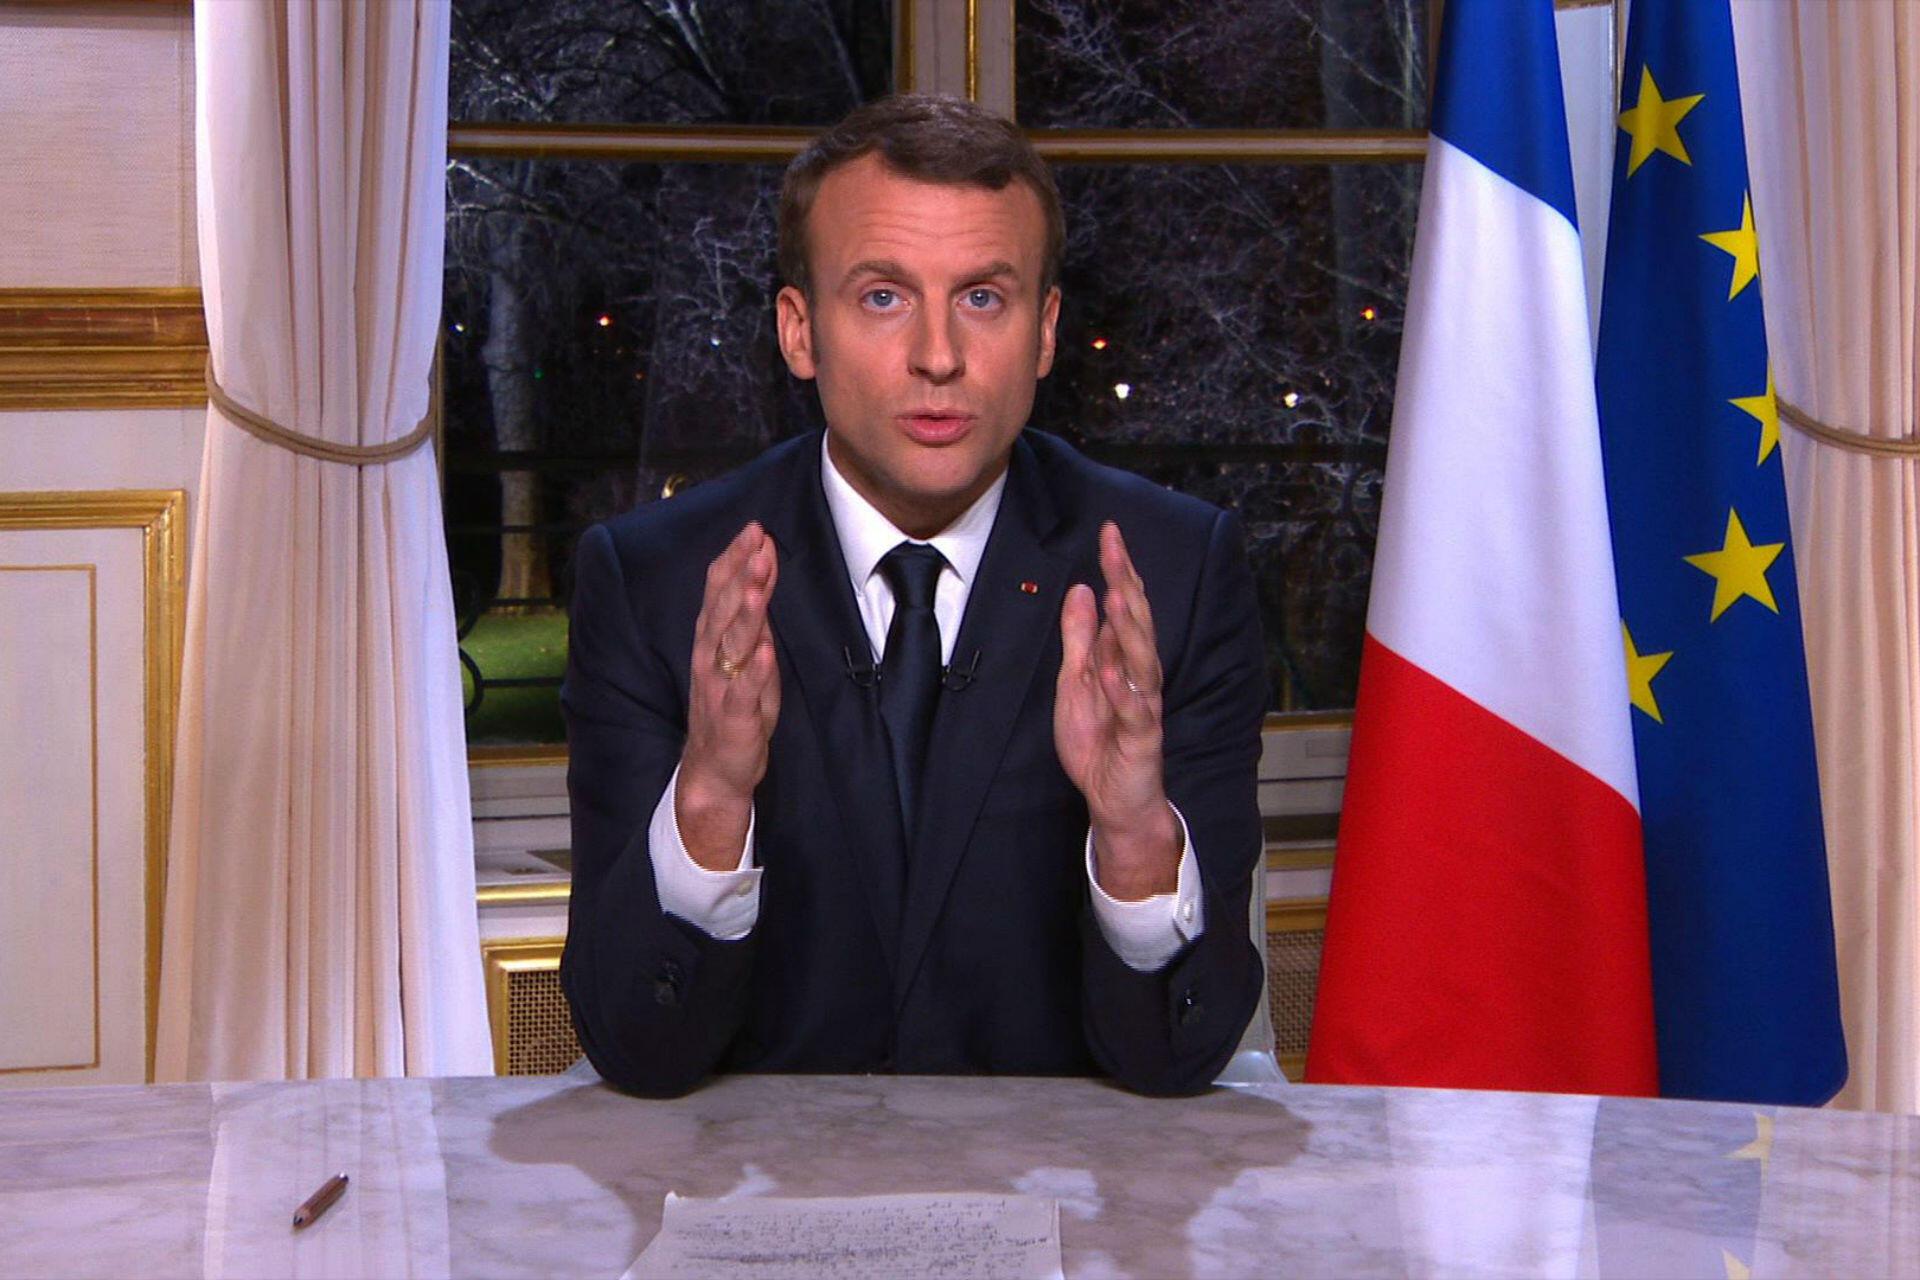 """Emmanuel Macron attaque l'année 2018 en confiance. Rien ne semble alors lui résister. Lors de ses vœux aux Français, le 31 décembre 2017, il affirme que ses réformes doivent se poursuivre """"avec la même force, le même rythme, la même intensité pour l'année 2018"""". Une année qui sera selon lui """"celle de la cohésion de la Nation"""". """"Les débats sont nécessaires, les désaccords sont légitimes mais les divisions irréconciliables minent notre pays, dit-il. Je veux plus de concorde pour la France en 2018."""""""